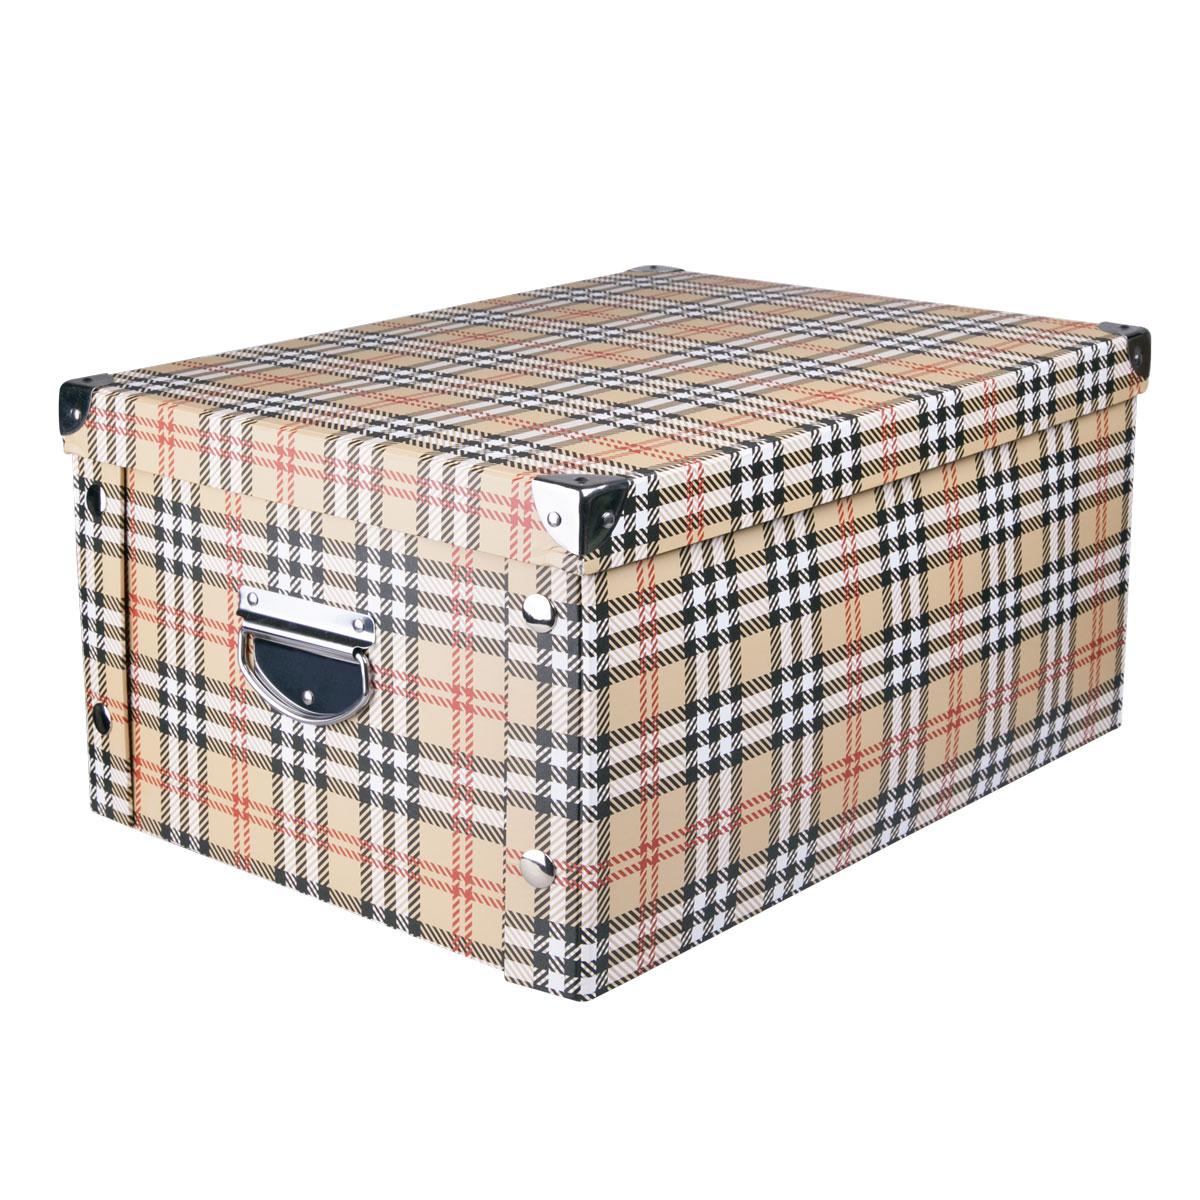 Коробка для хранения Miolla, 45 х 35 х 22,5 см. CFB-08CFB-08Коробка для хранения Miolla прекрасно подойдет для хранения бытовых мелочей, документов, аксессуаров для рукоделия и других мелких предметов. Коробка поставляется в разобранном виде, легко и быстро складывается. Плотная крышка и удобные для переноски металлические ручки станут приятным дополнением к функциональным достоинствам коробки. Удобная крышка не даст ни одной вещи потеряться, а оптимальный размер подойдет для любого шкафа или полки. Компактная, но при этом вместительная коробка для хранения станет яркой нотой в вашем интерьере.